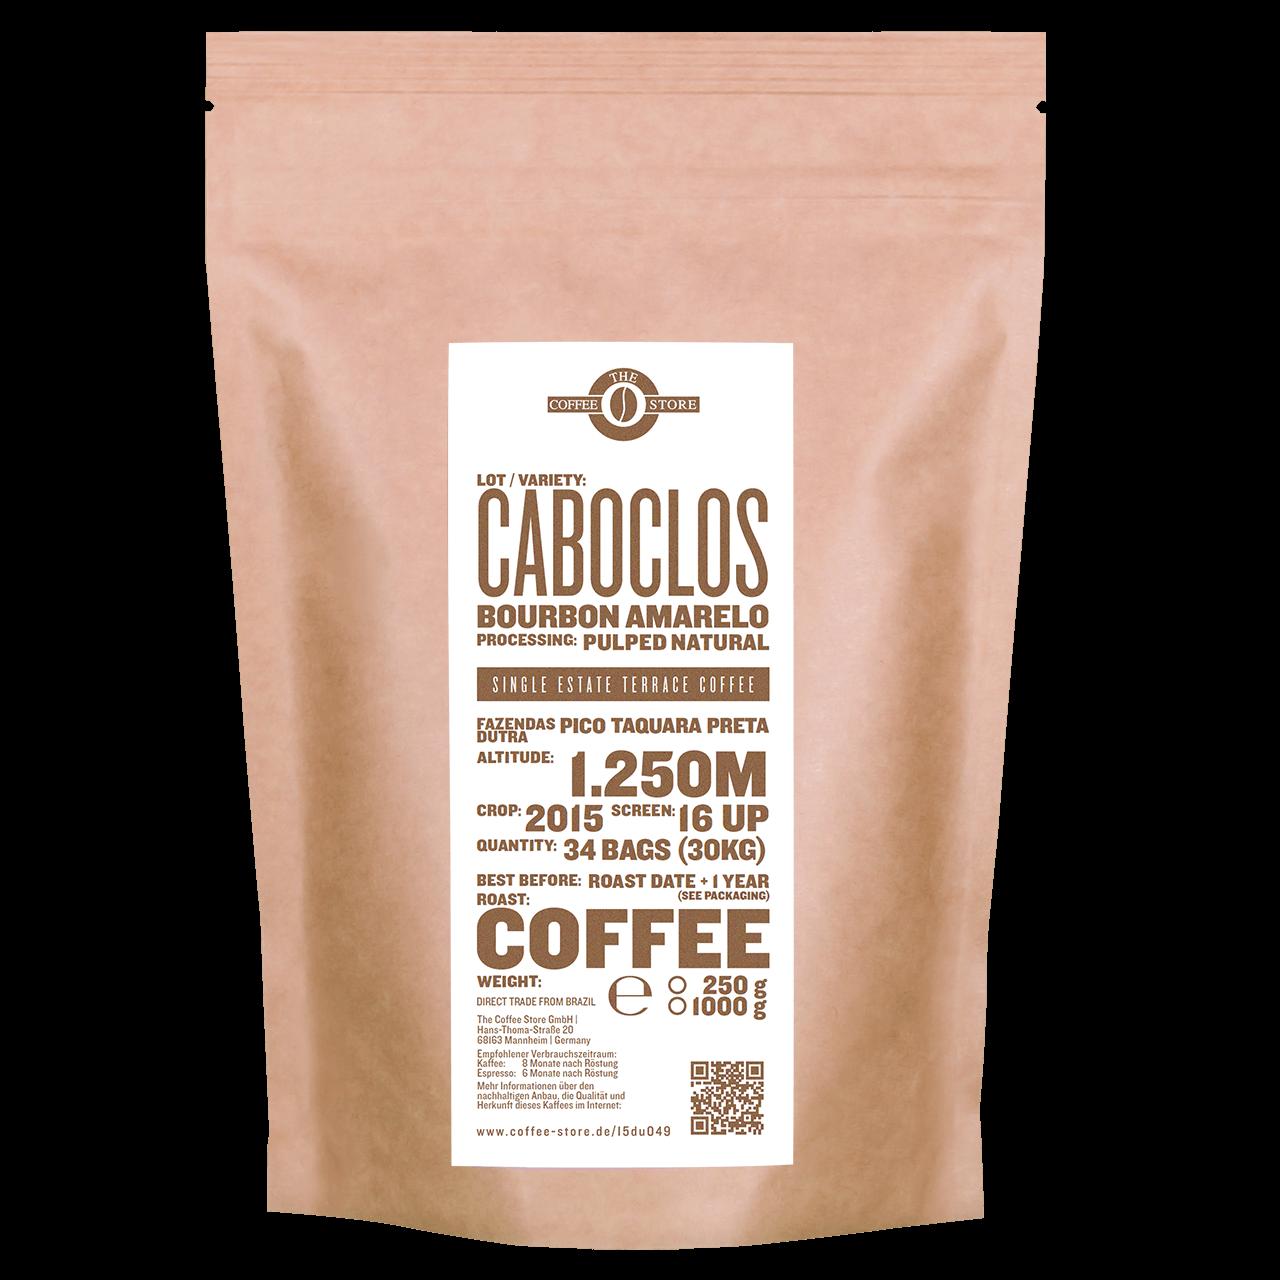 Caboclos, Bourbon amarelo - Kaffeeröstung